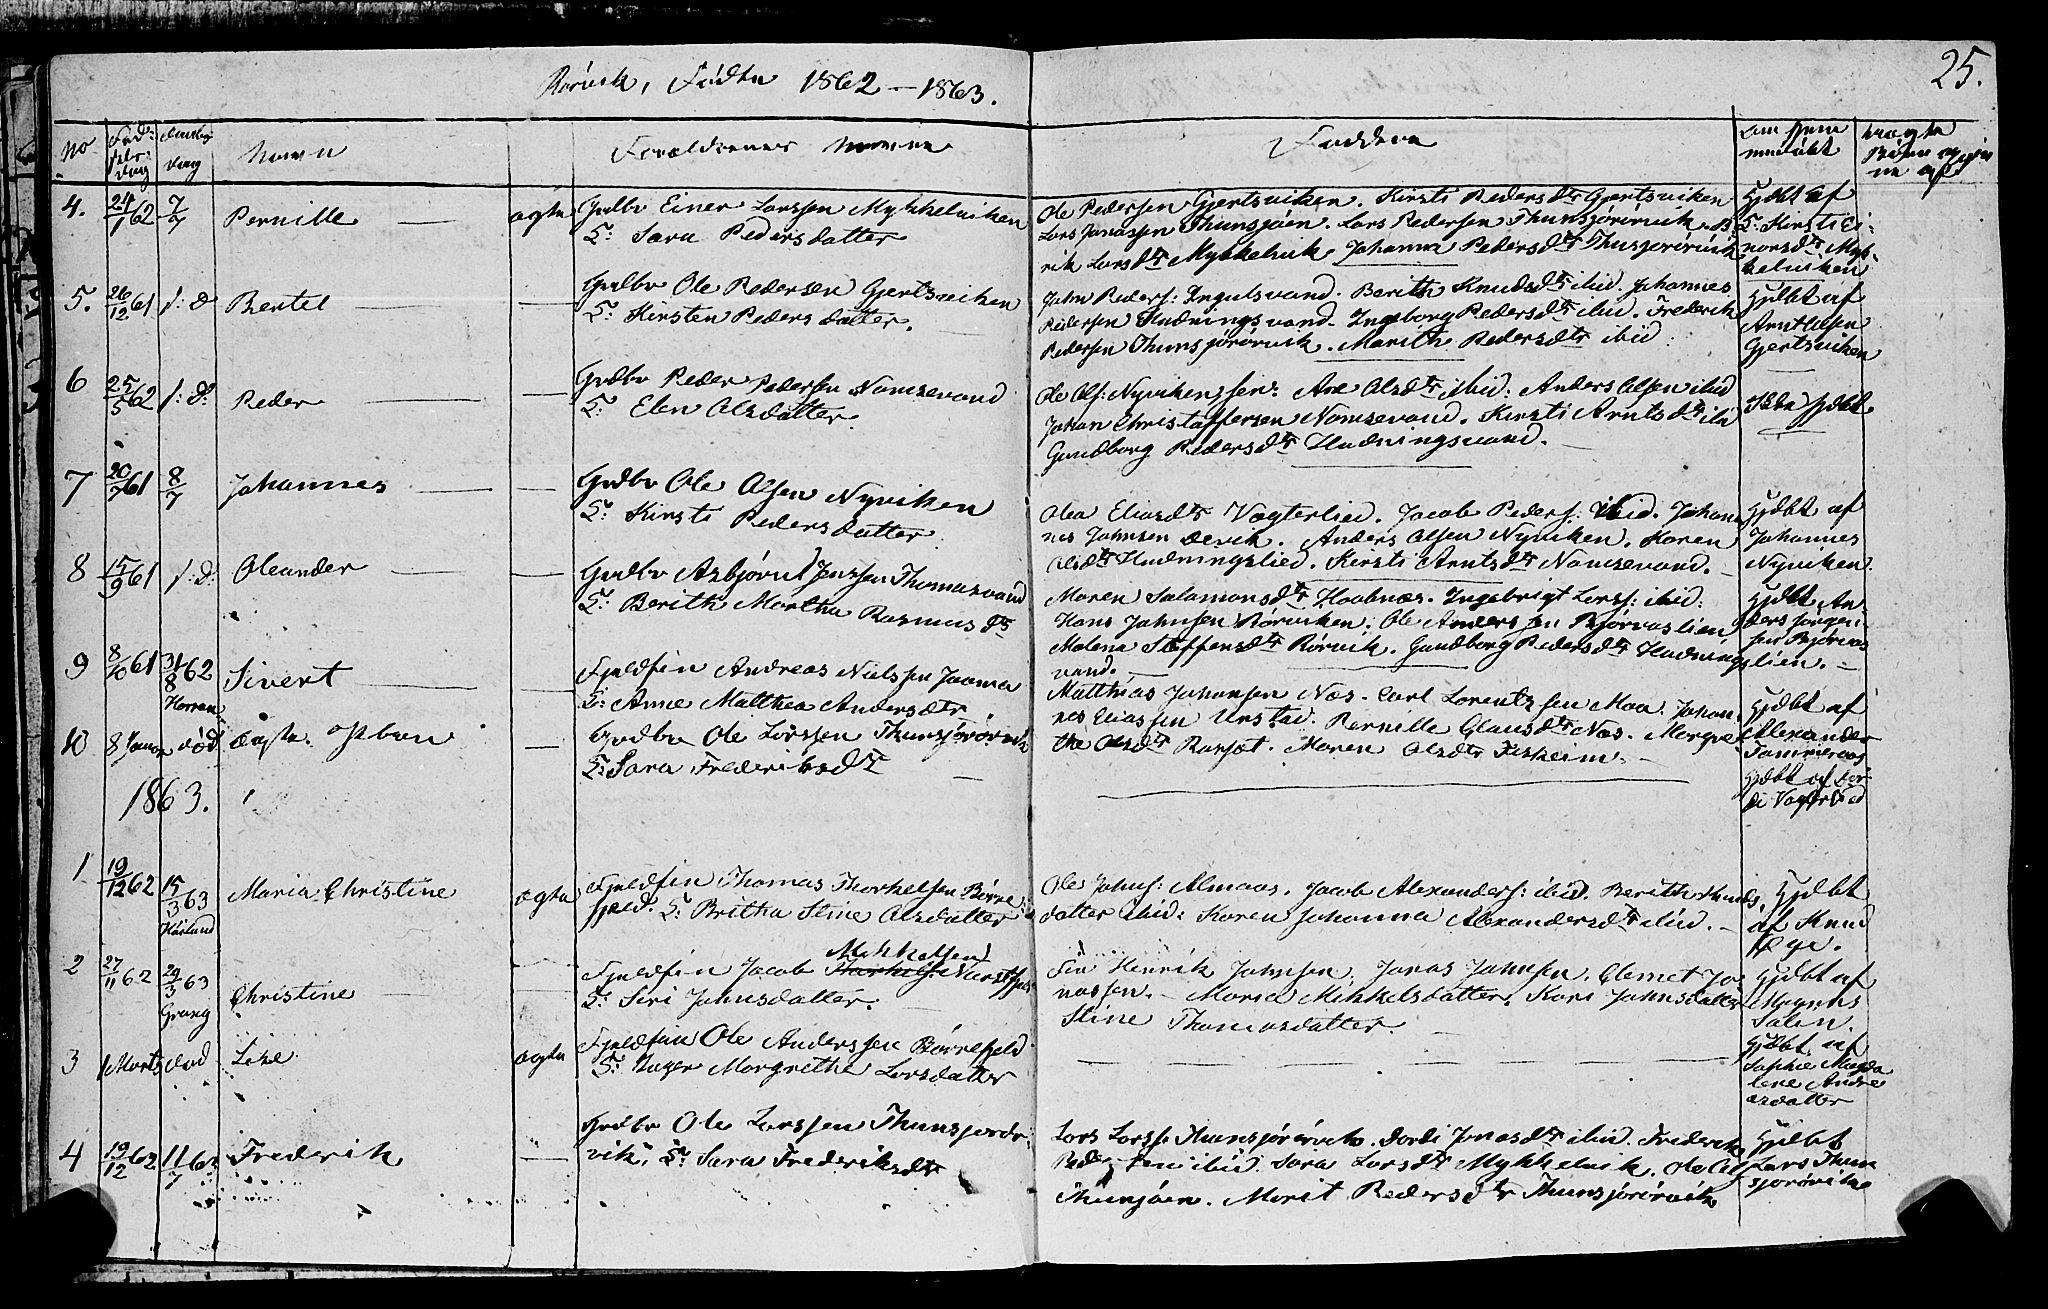 SAT, Ministerialprotokoller, klokkerbøker og fødselsregistre - Nord-Trøndelag, 762/L0538: Ministerialbok nr. 762A02 /1, 1833-1879, s. 25